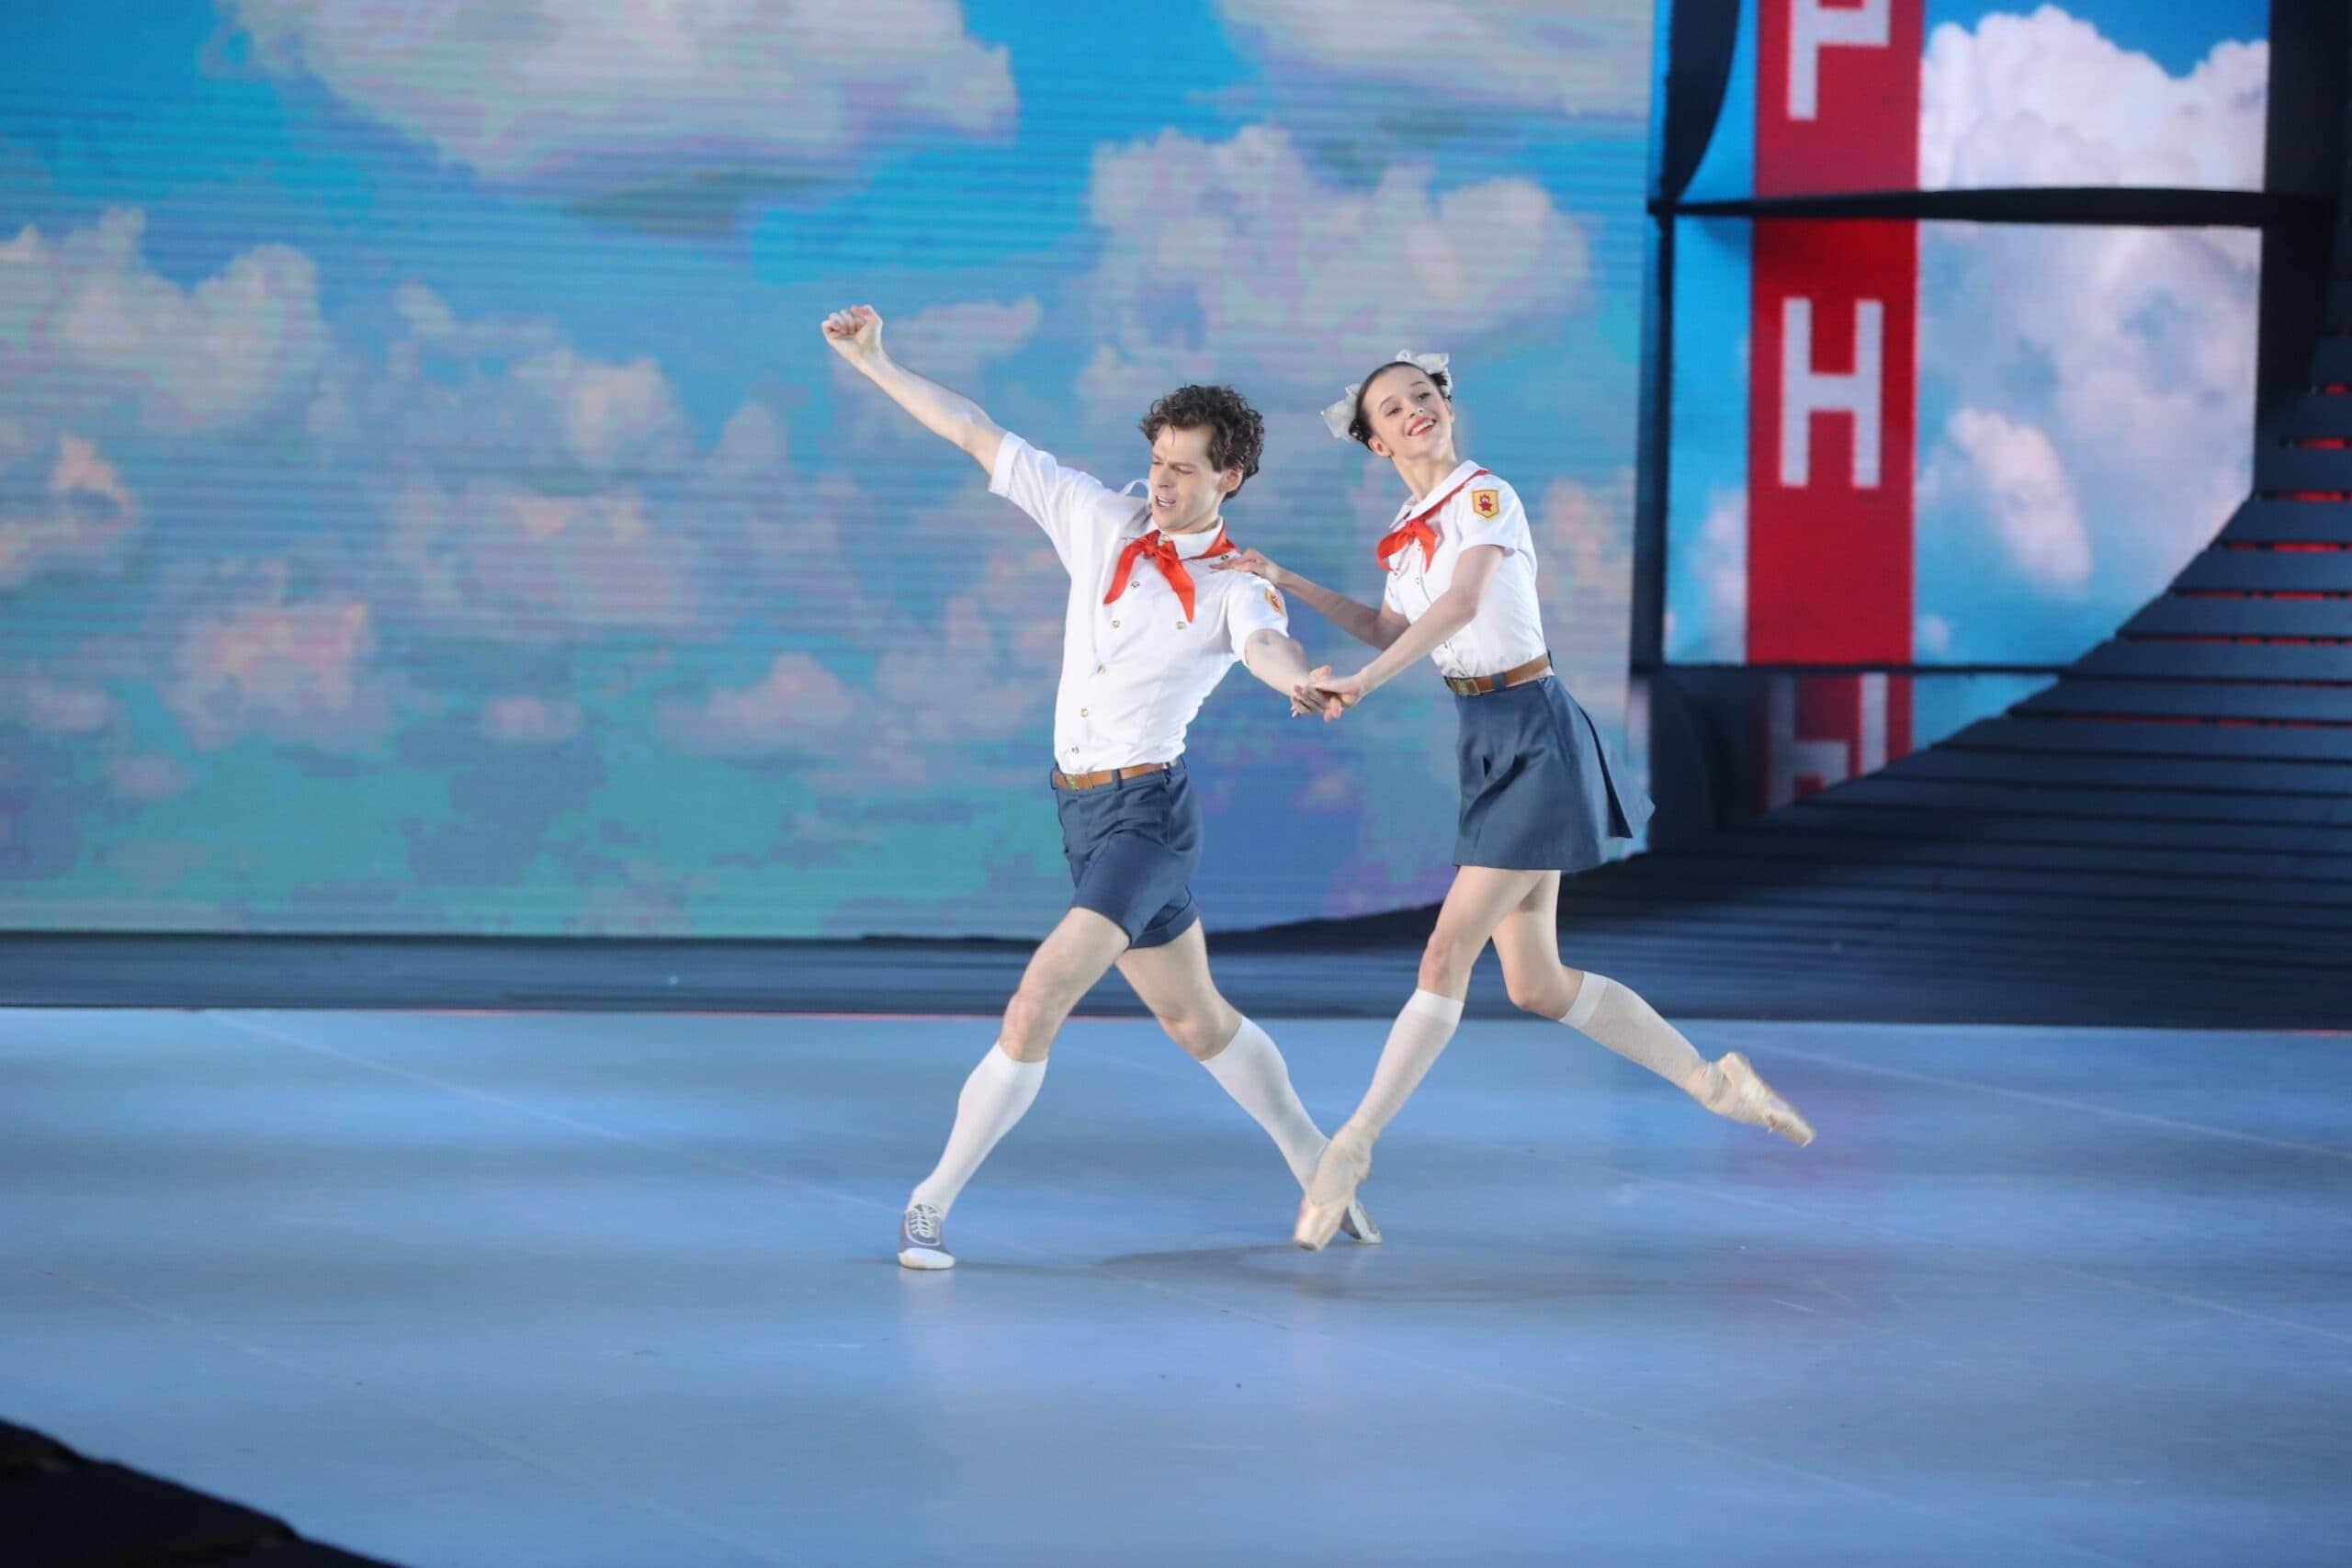 Владимир Шкляров и Мария Хорева. Фото - Вадим Шульц